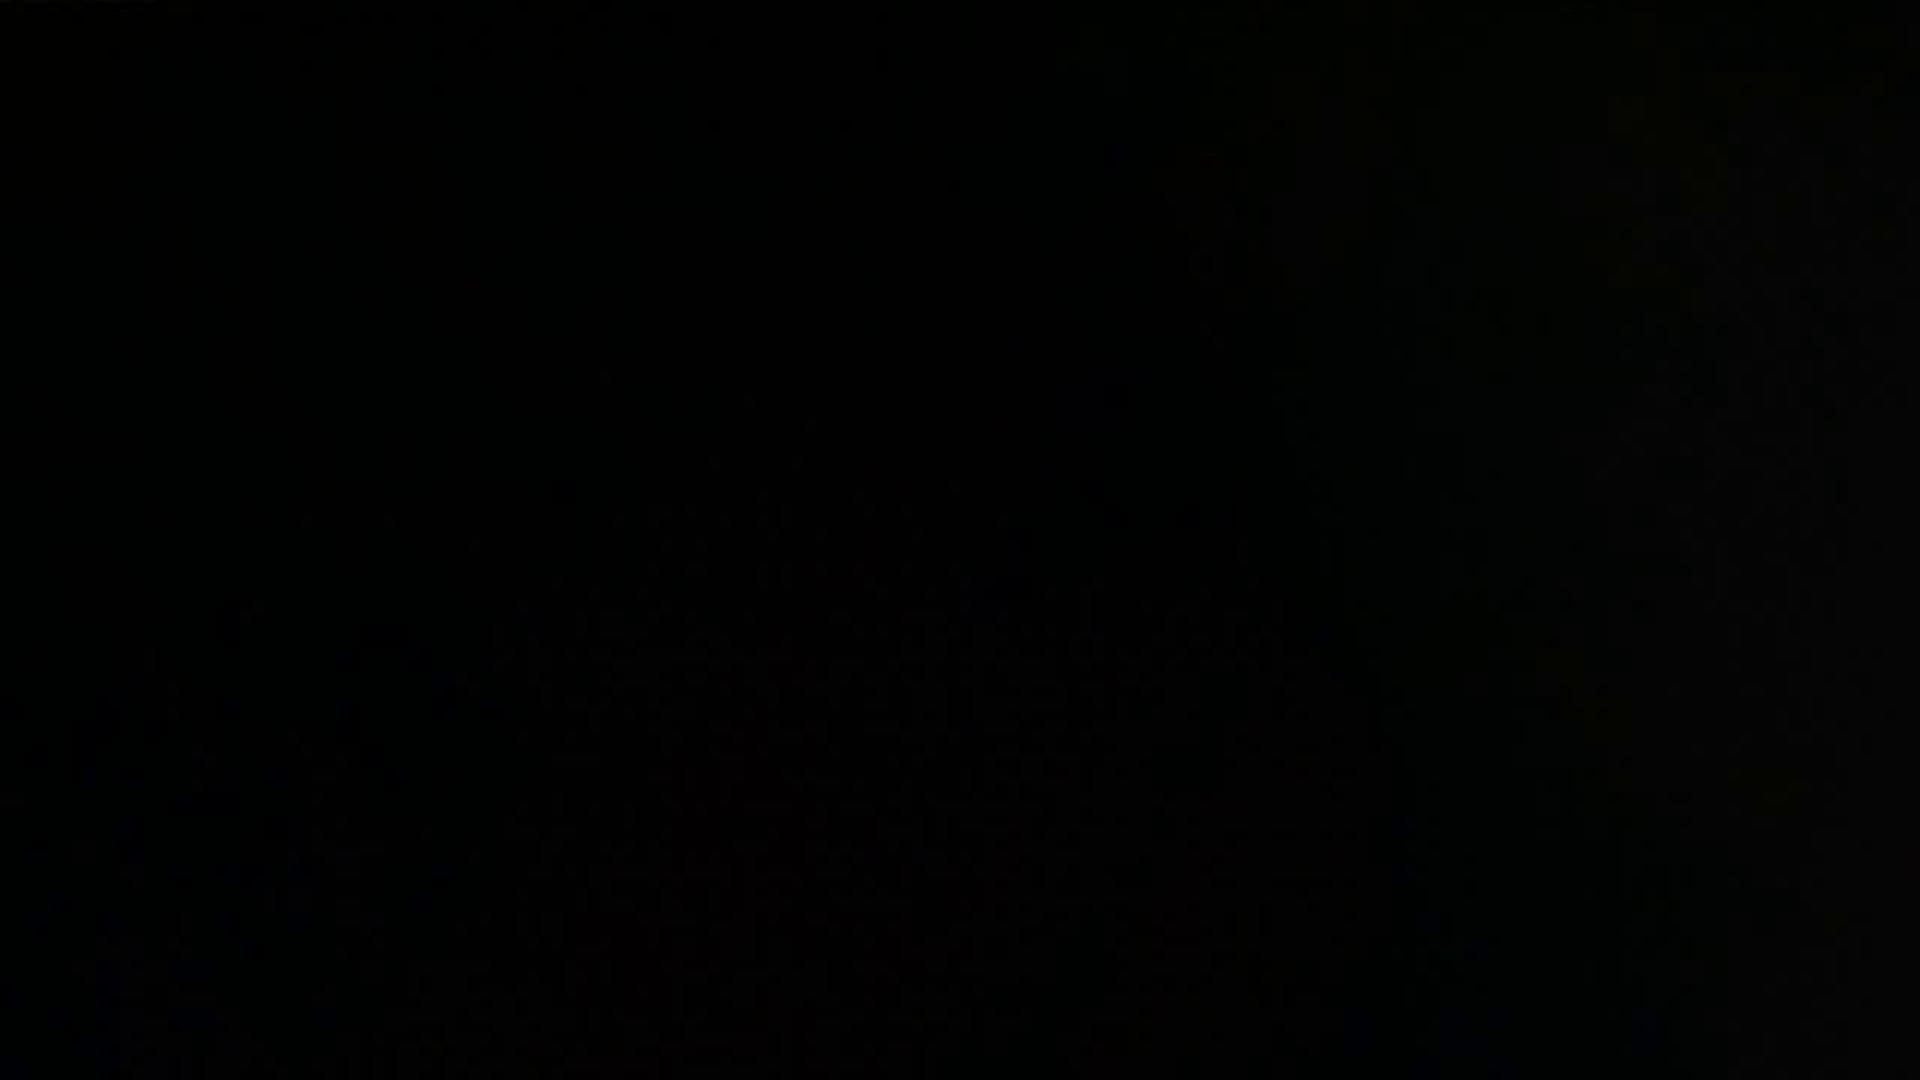 可愛いカリスマ店員限定‼胸チラ&パンチラ vol.24 おまんこ無修正 オメコ動画キャプチャ 99画像 89